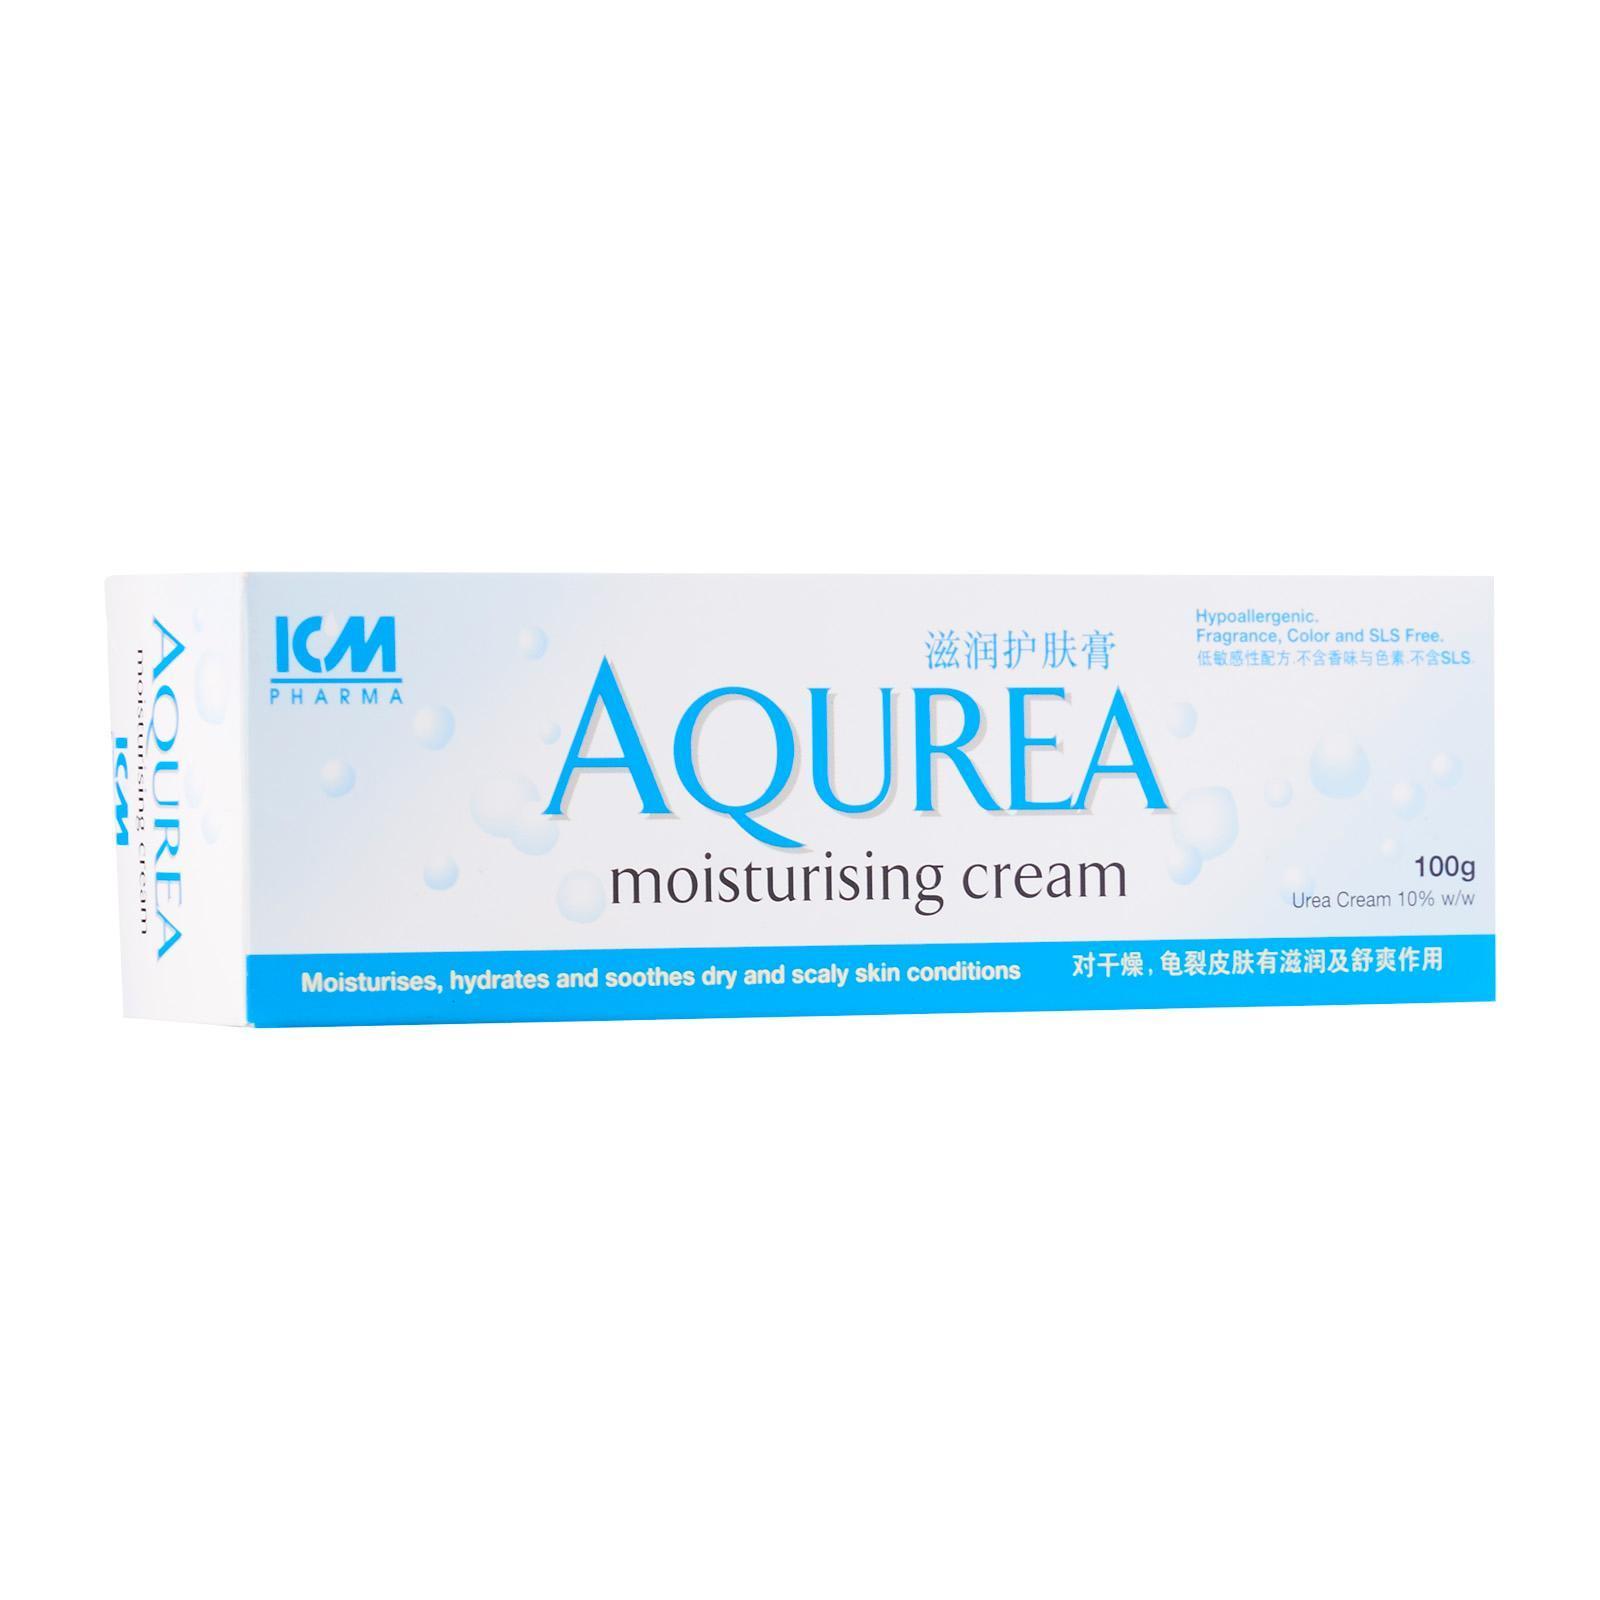 ICM Pharma AQUREA Moisturising Cream - By Medic Drugstore